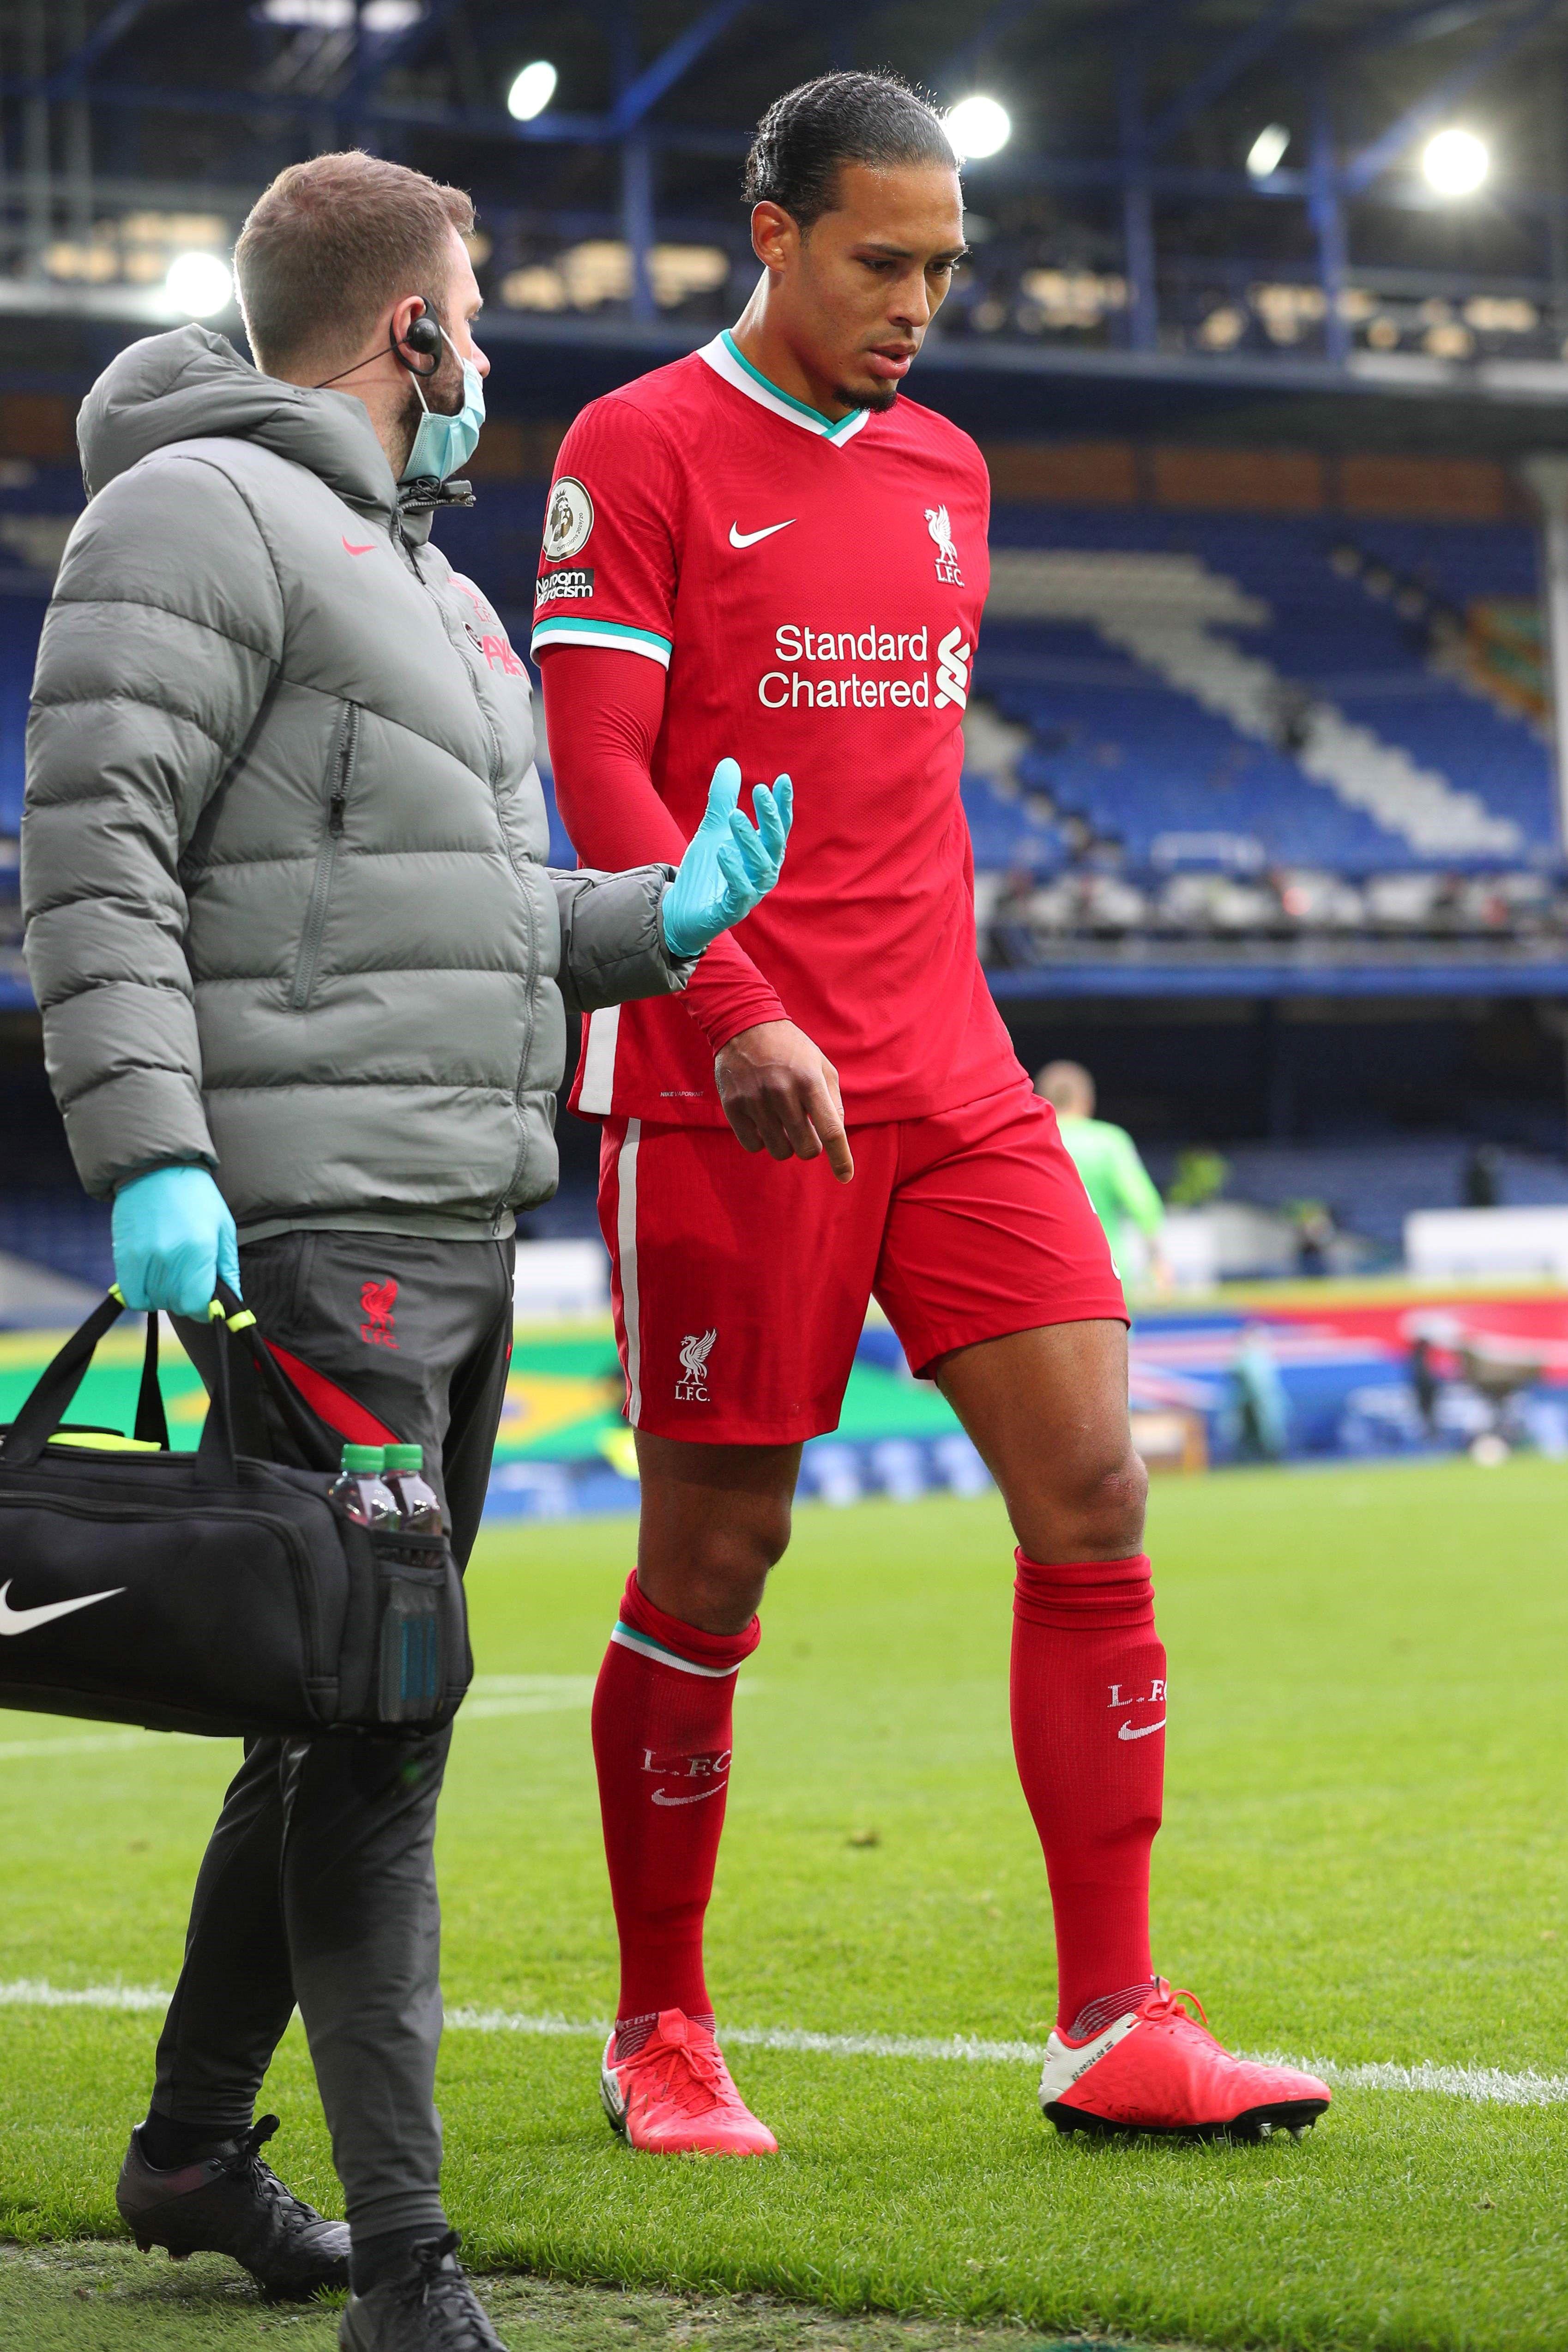 Liverpool perdió a Van Dijk por lesión tras esta brutal acción del arquero del Everton